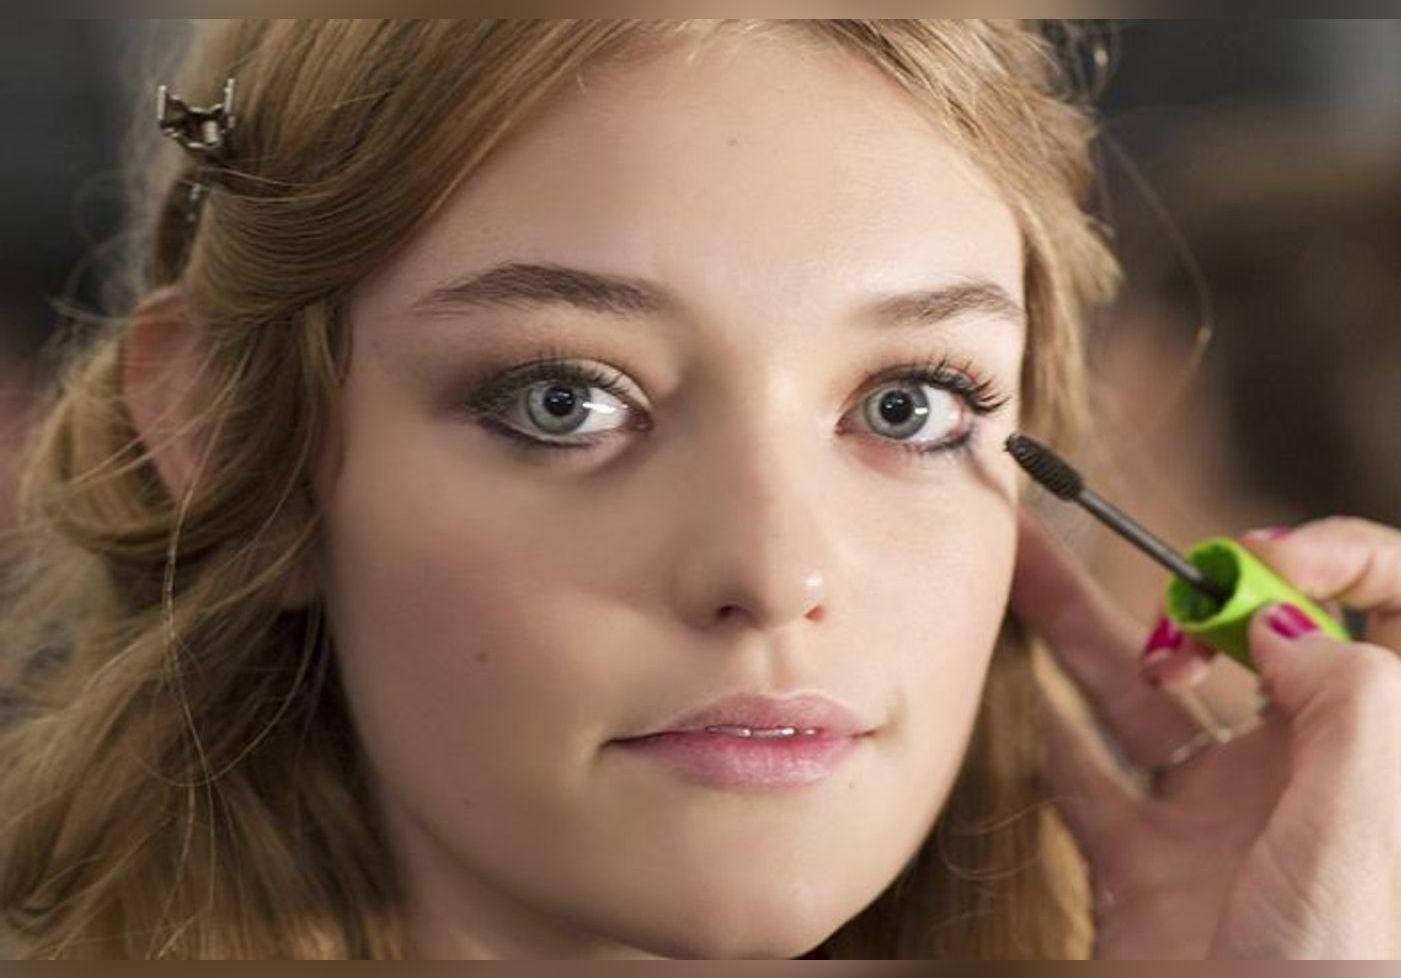 Mascara : voici le secret pour décupler le volume des cils et les rendre plus longs en quelques secondes… La vidéo crée le buzz